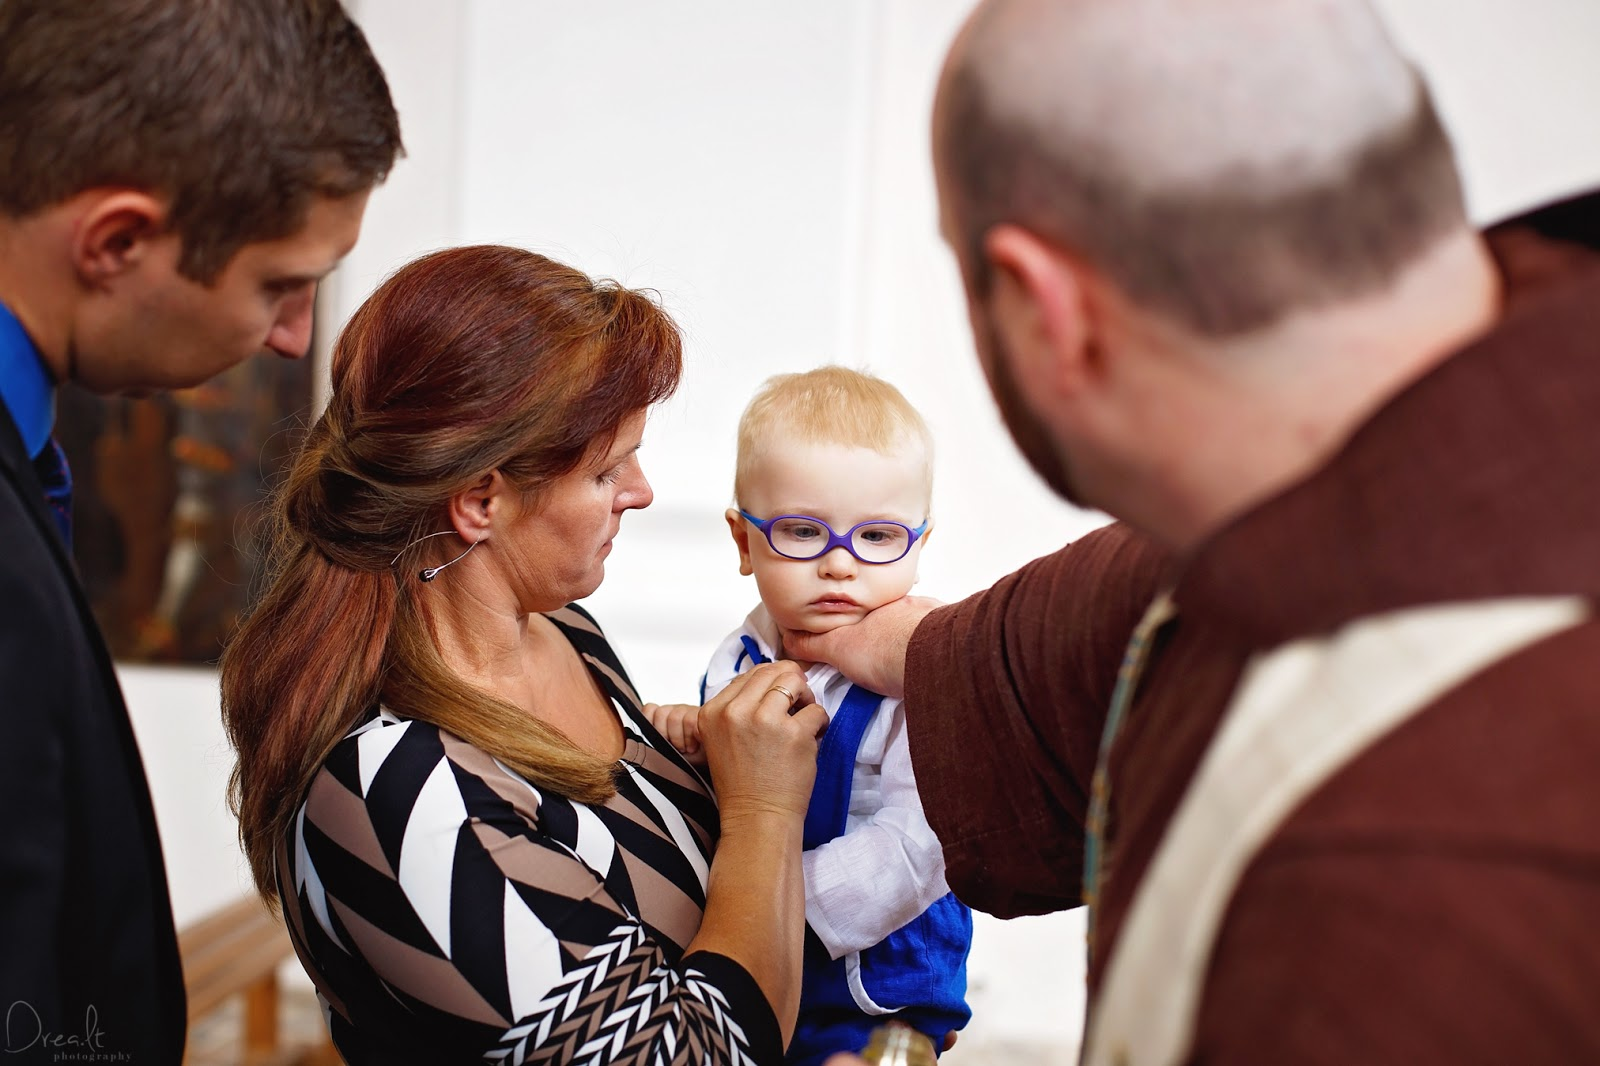 Krikštynų ceremonija bažnyčioje